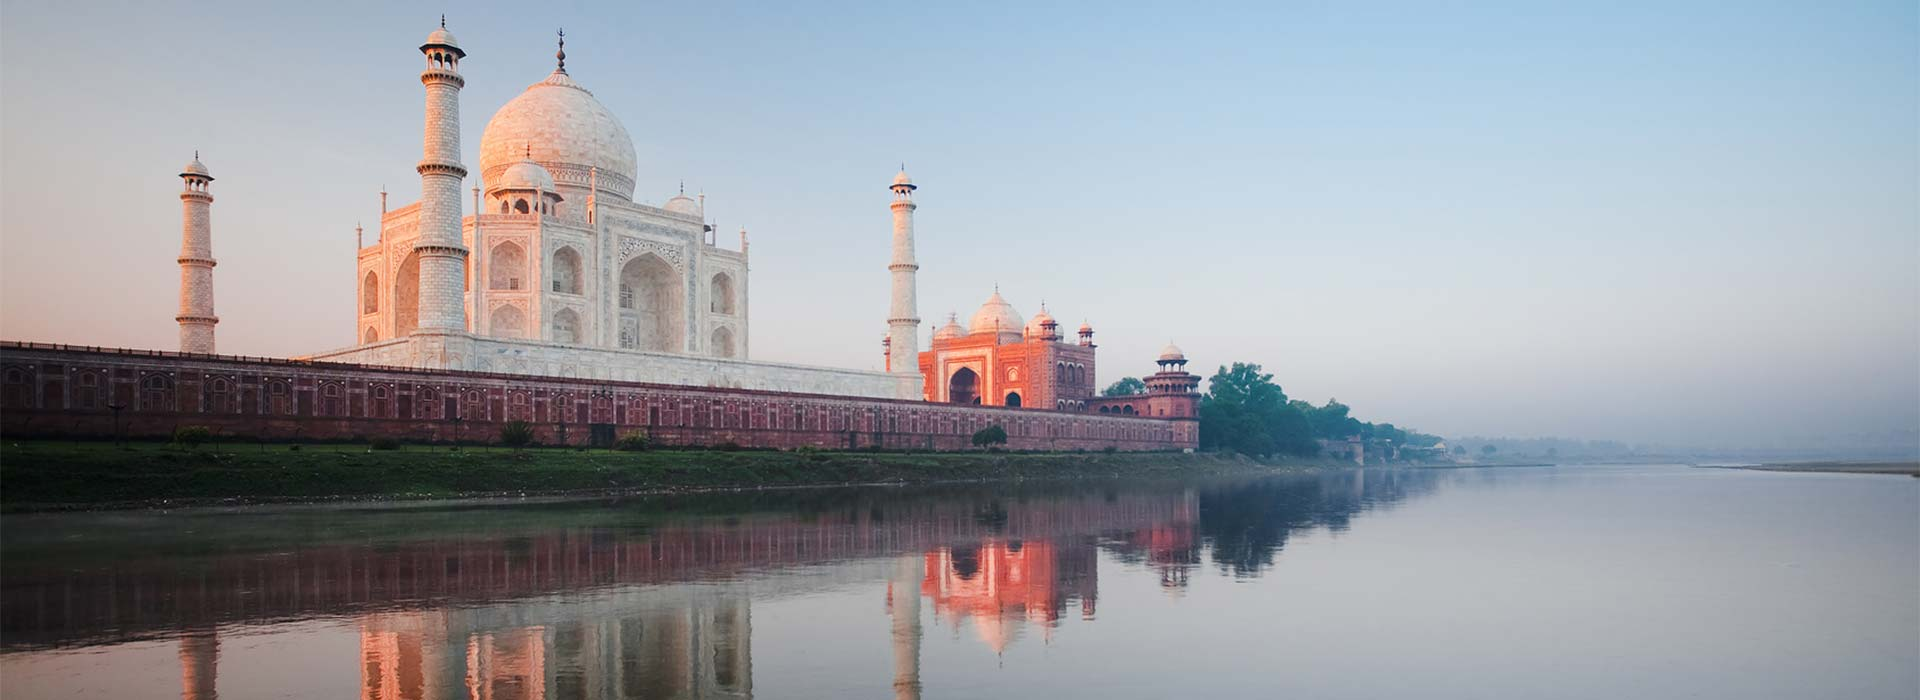 Sunrise at Taj Mahal on Jamuna river.